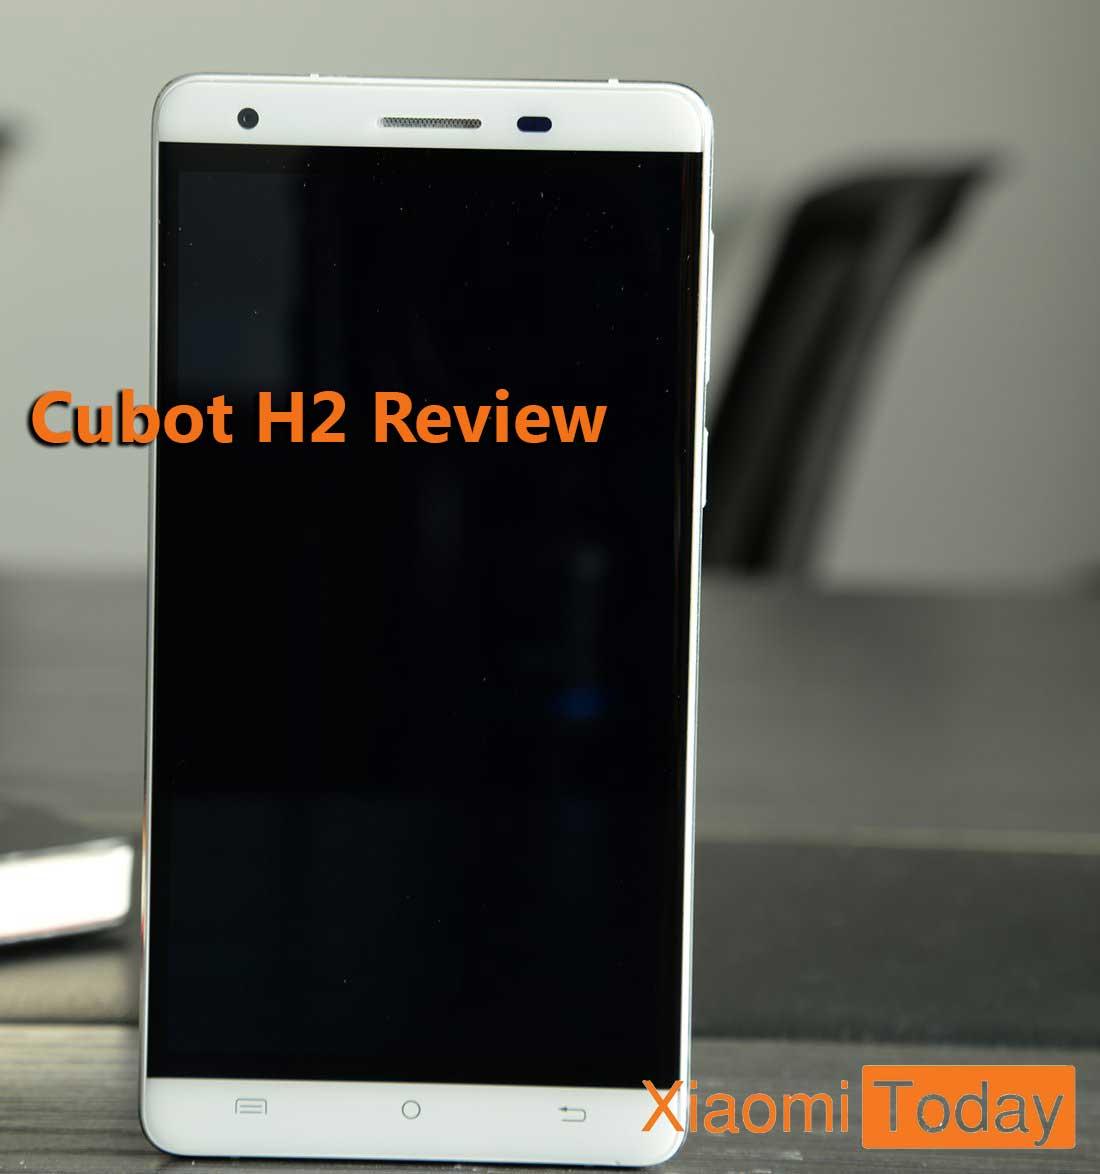 Cubot H2